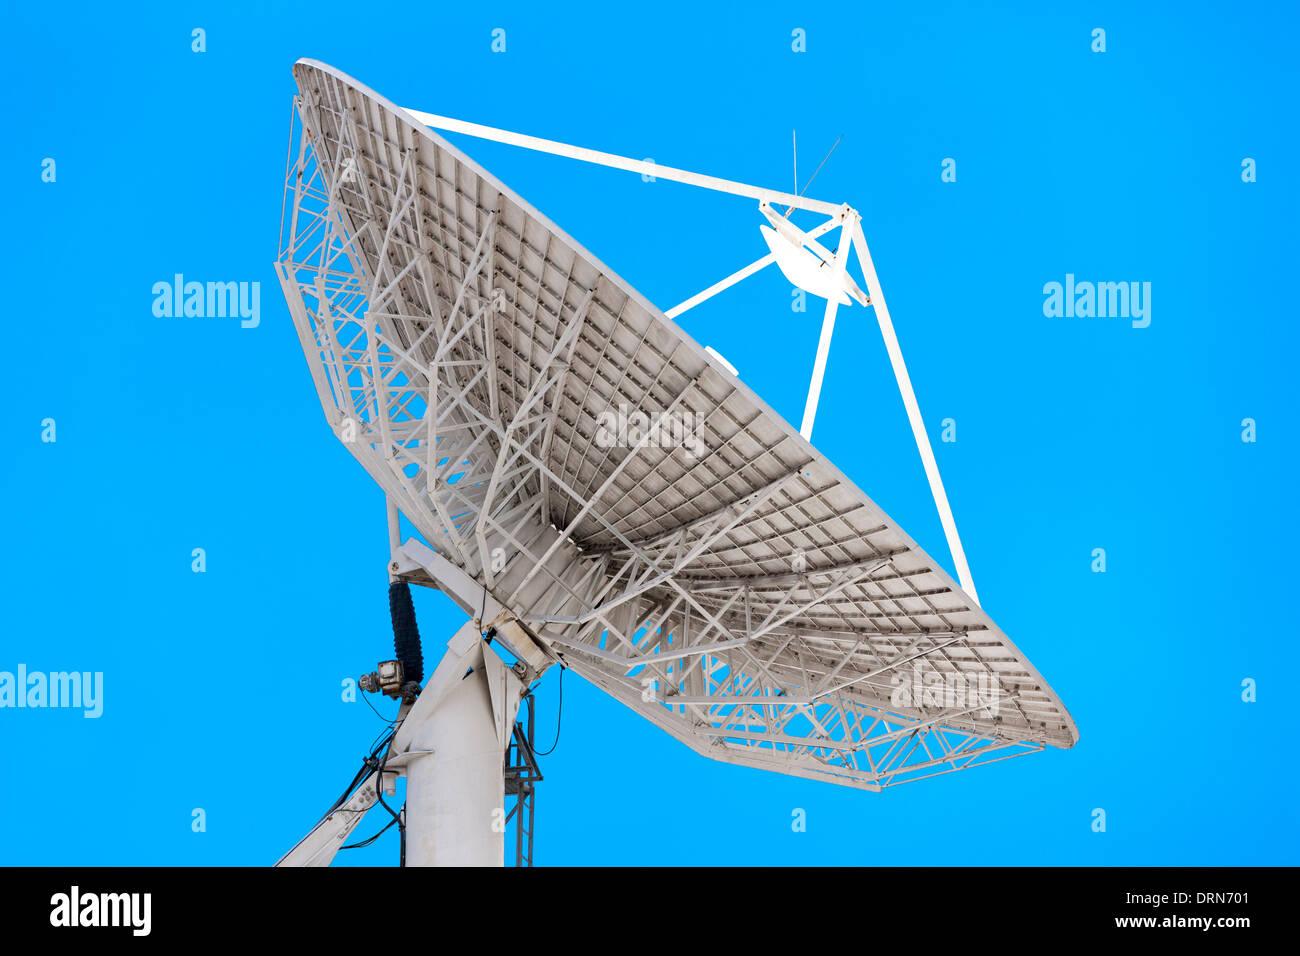 Grande antenne parabolique. La terre au sol de la station terrestre de télévision pour les réseaux de télécommunications communication uplink lien Photo Stock